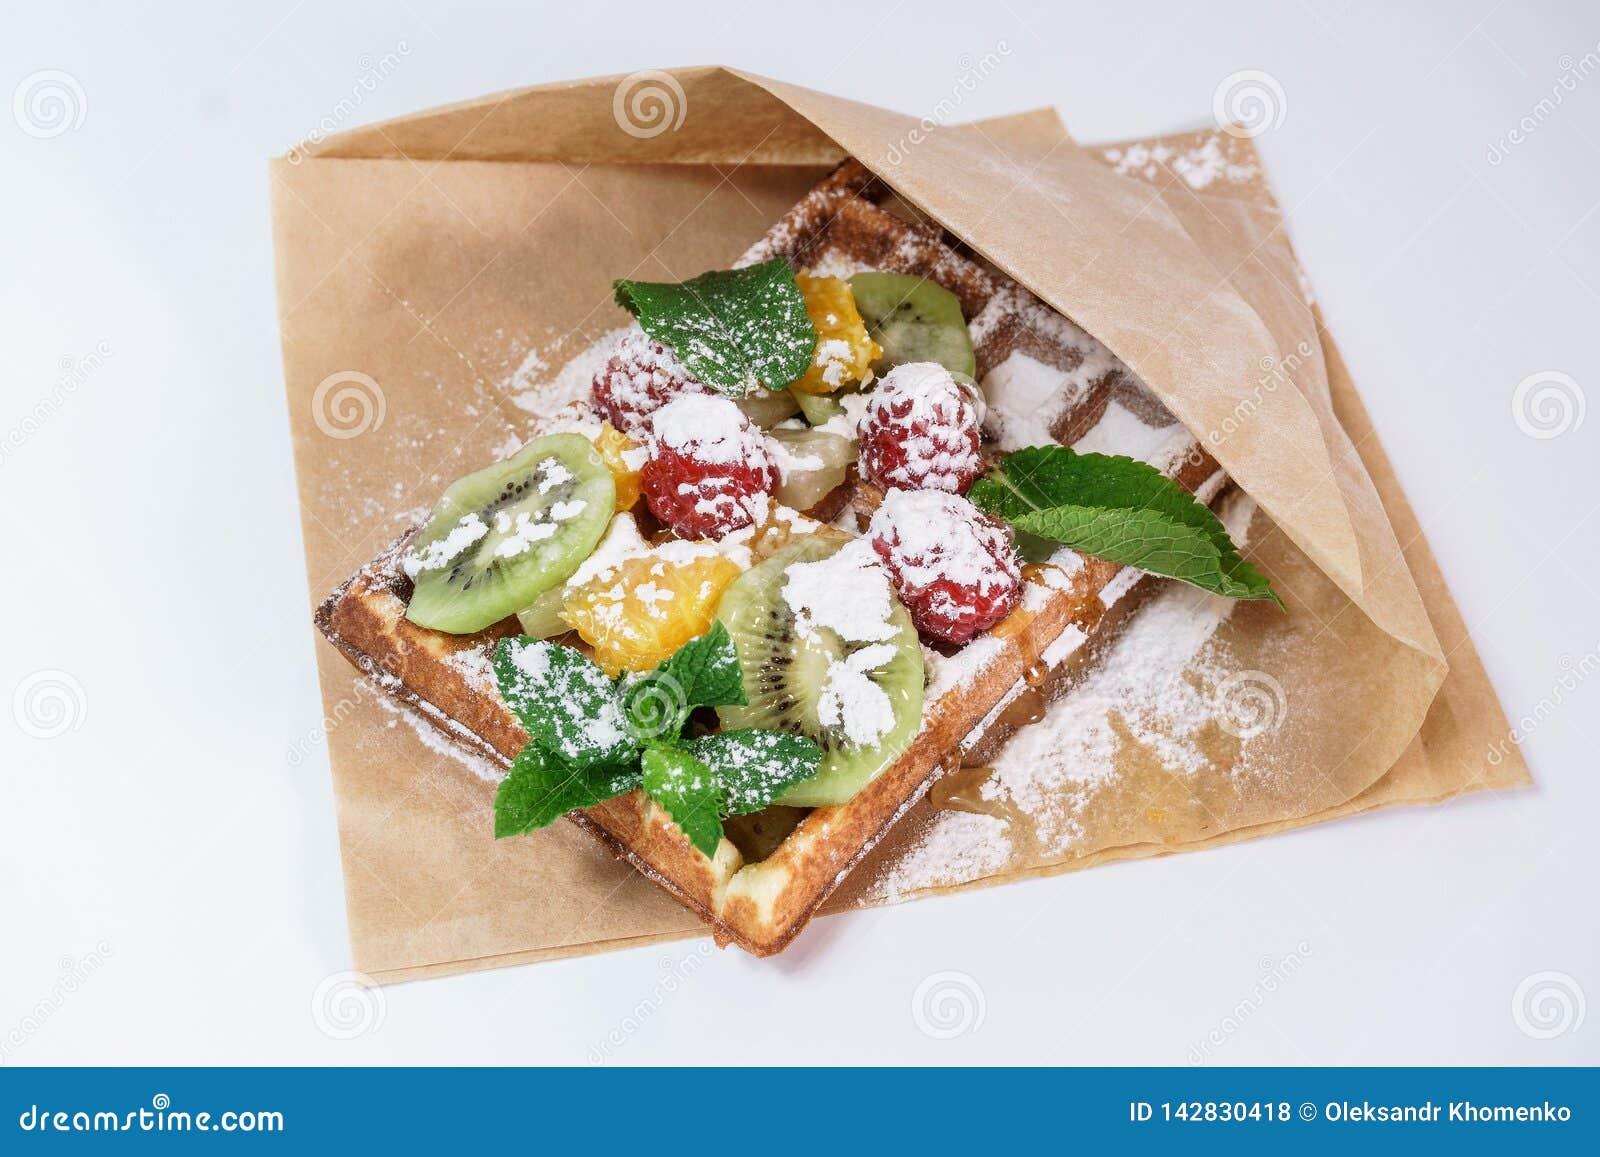 Belgische wafel met fruit en gepoederde suiker op een witte achtergrond